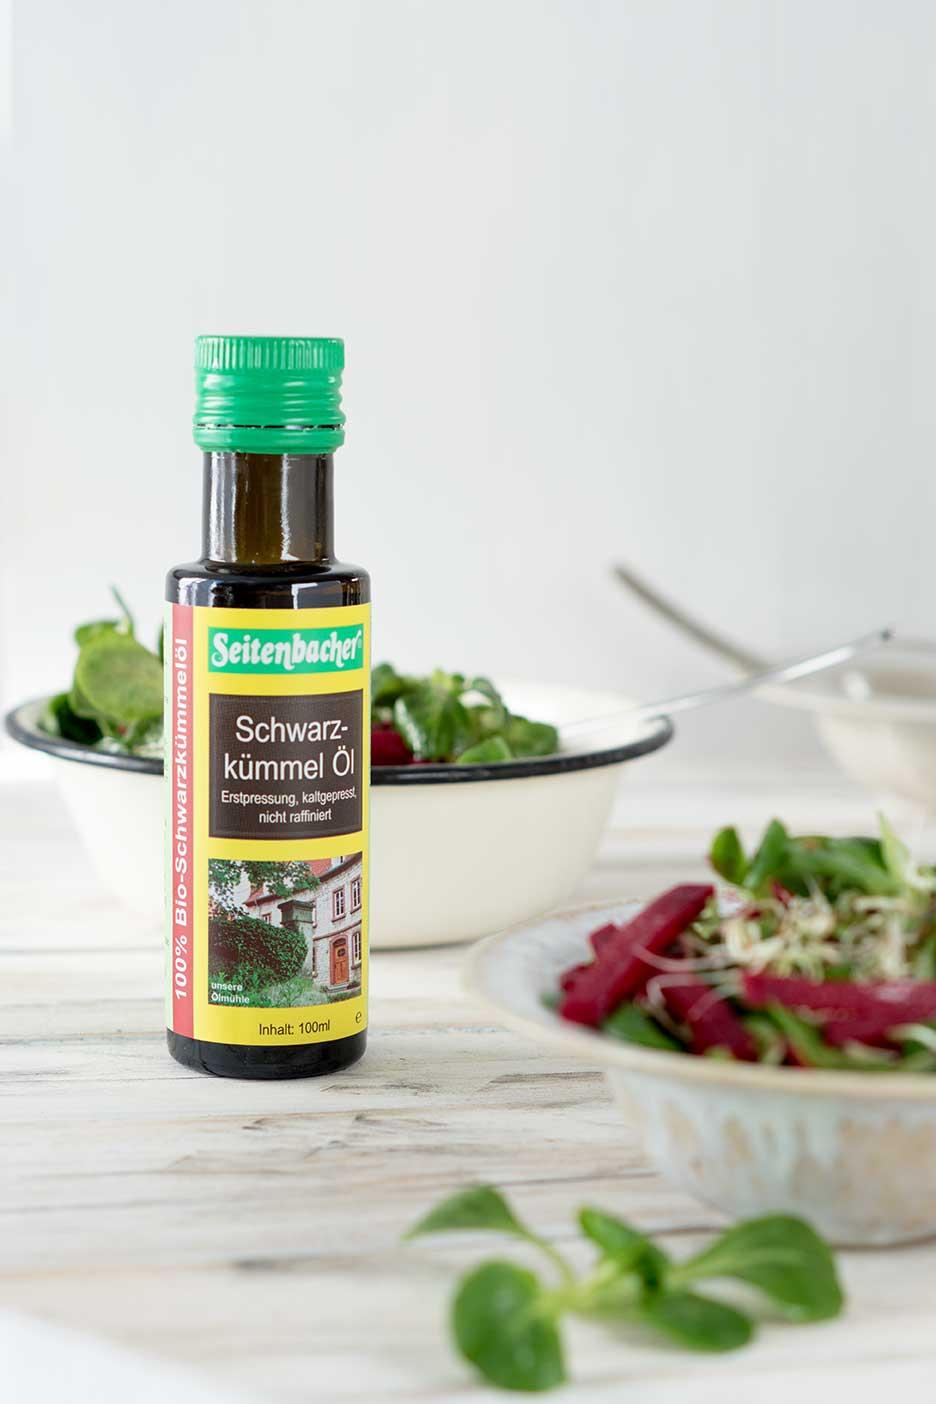 Schwarzkümmel Öl für Salat